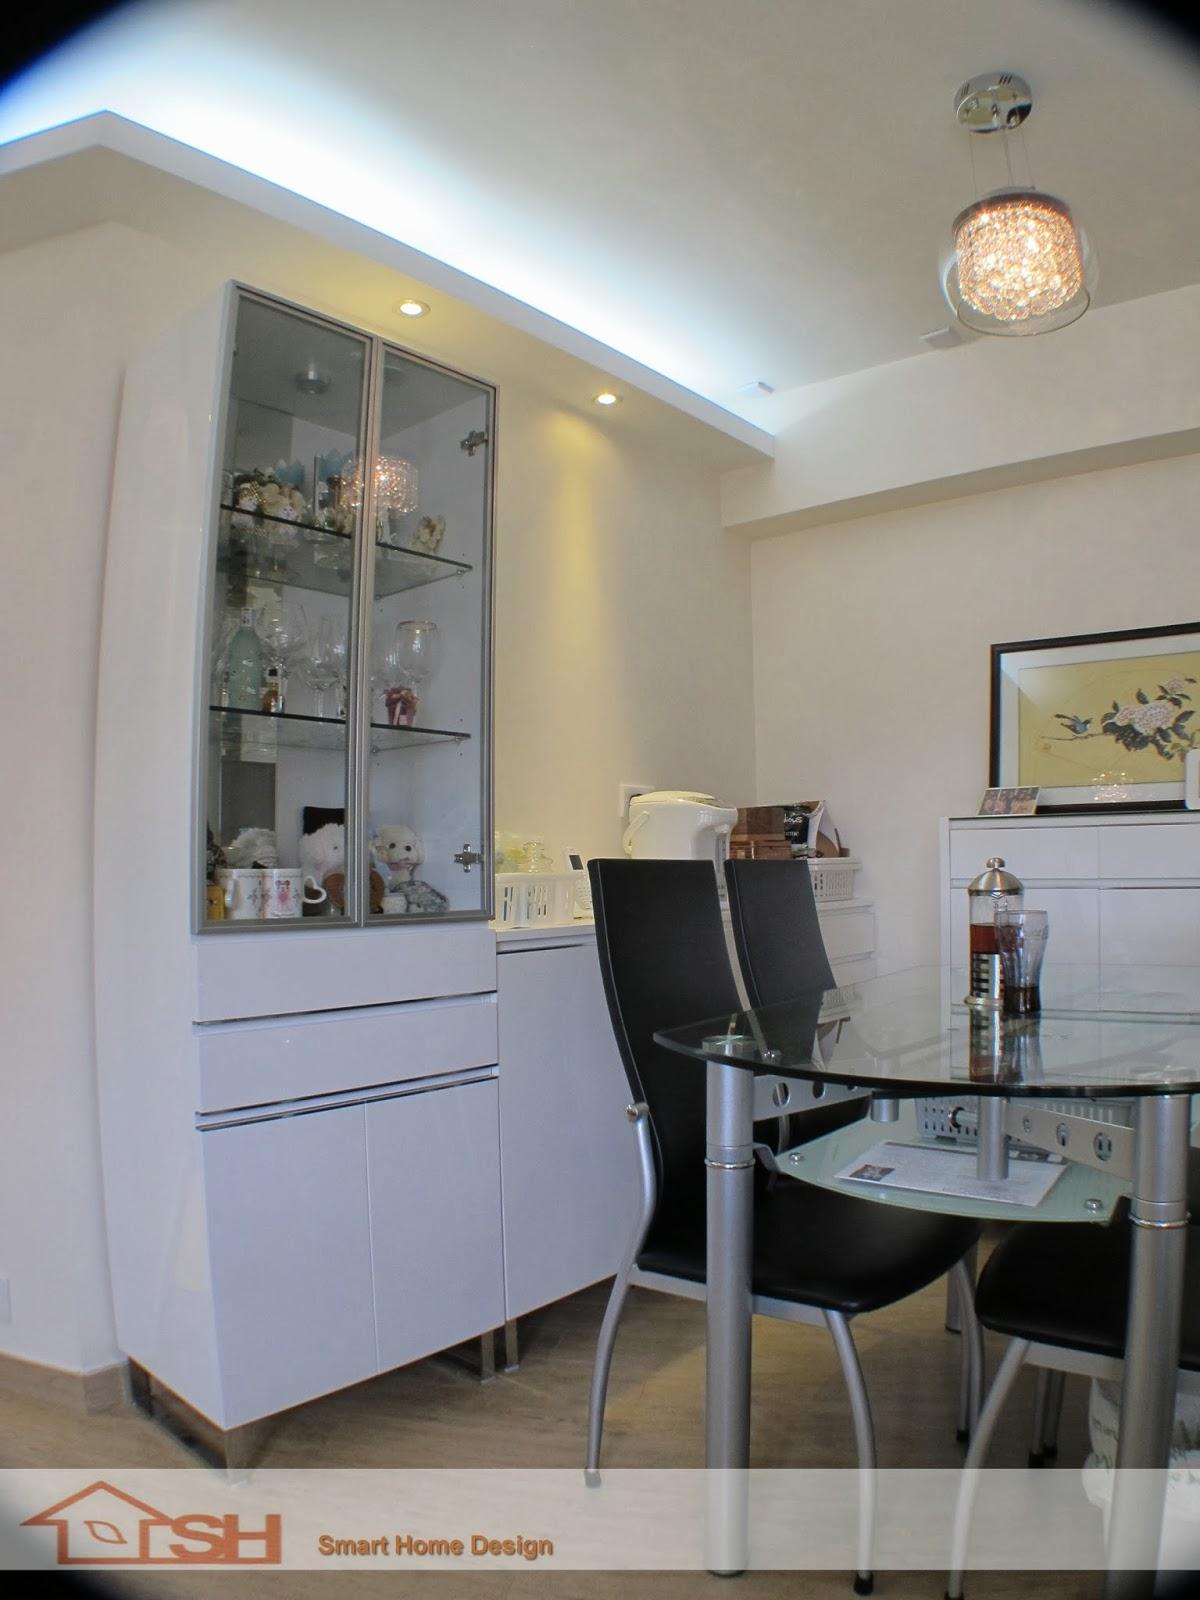 smart home design smart home. Black Bedroom Furniture Sets. Home Design Ideas